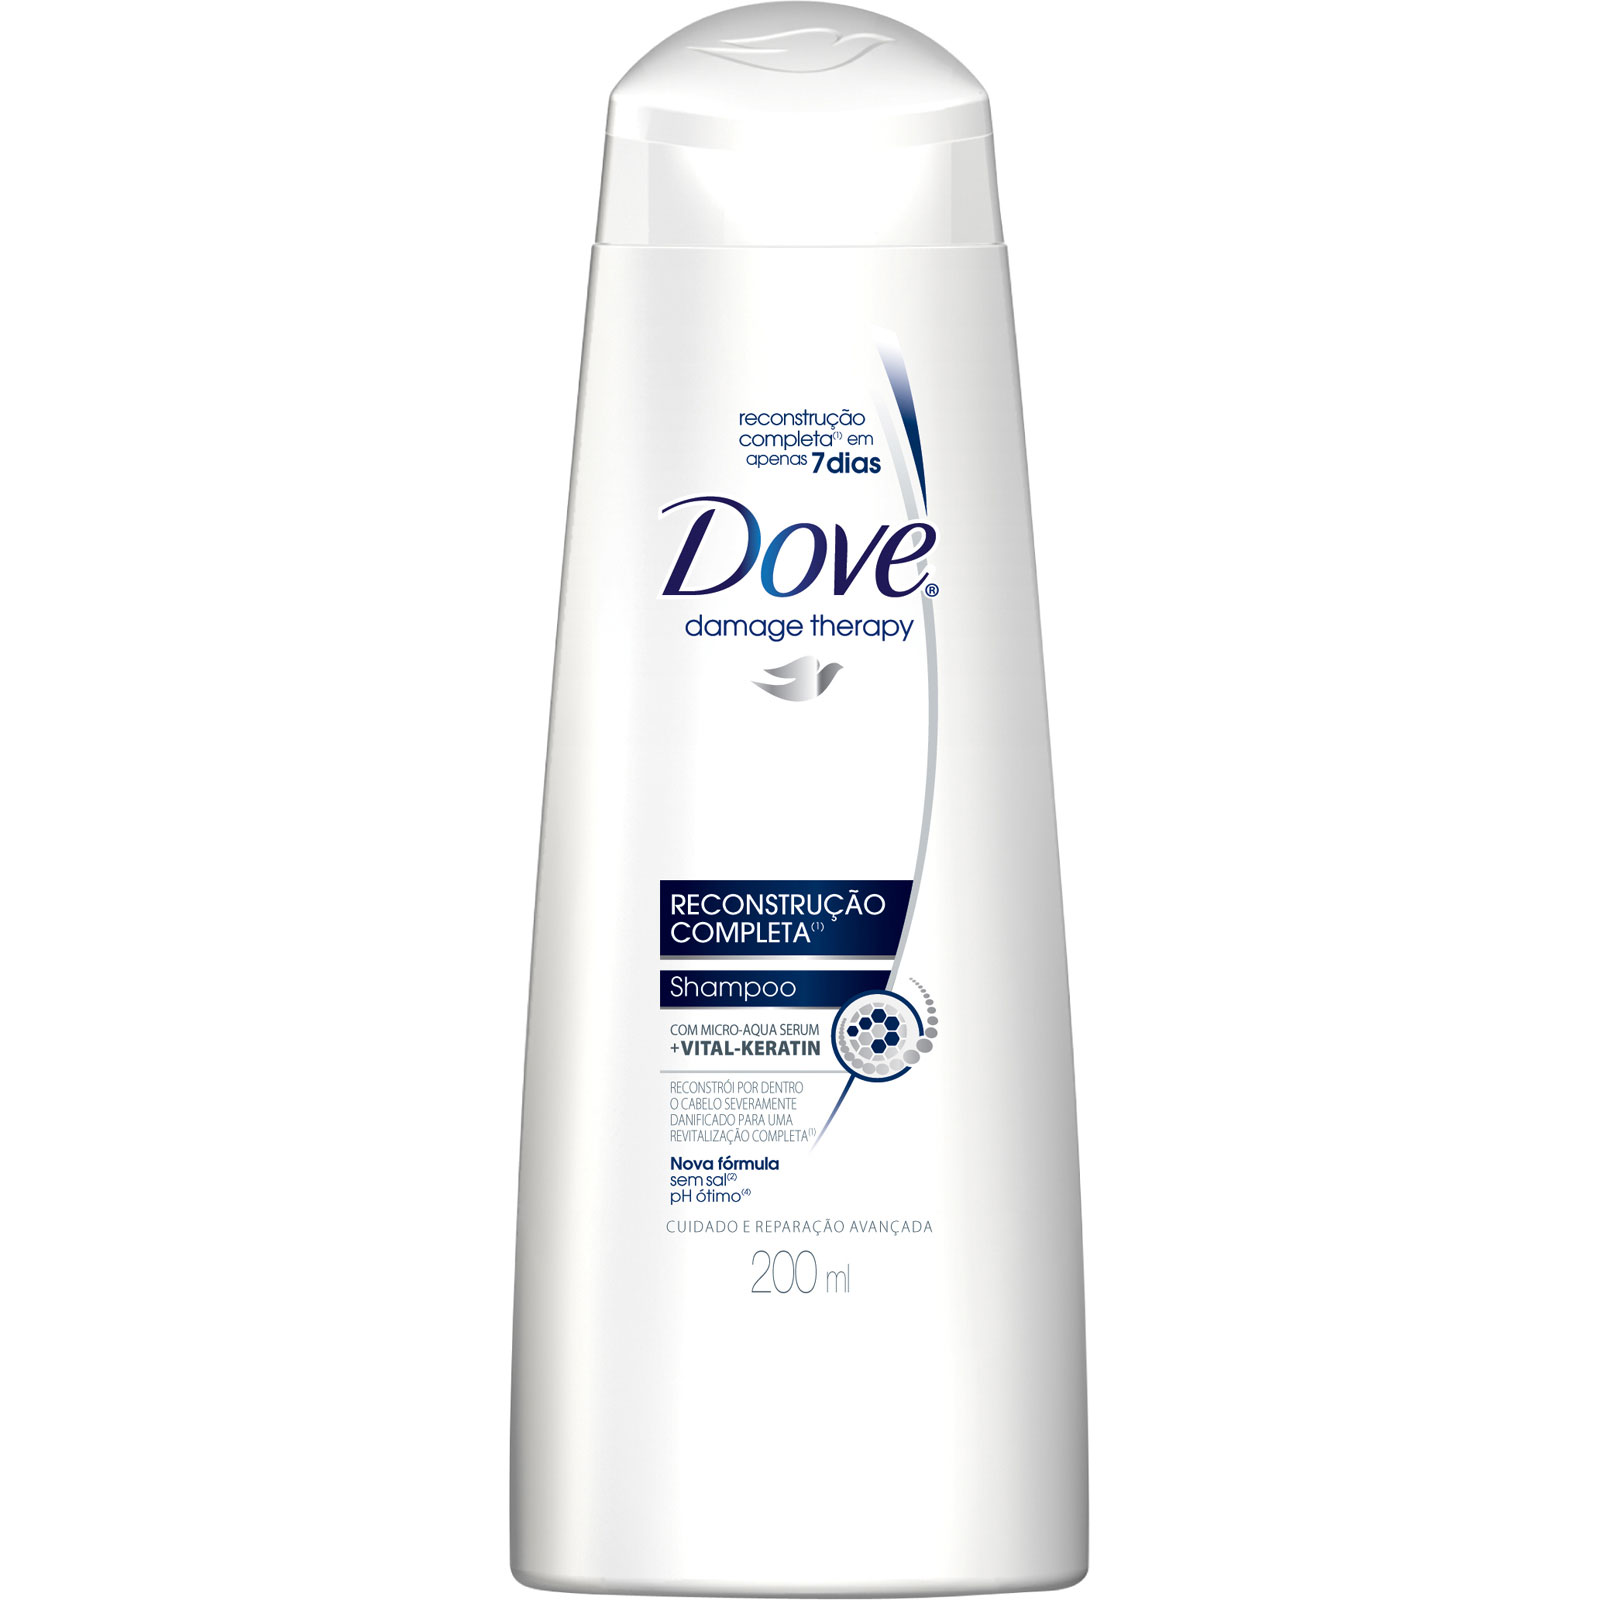 Condicionador Reconstrução Completa – Dove - Condicionador Reconstrução Completa – Dove